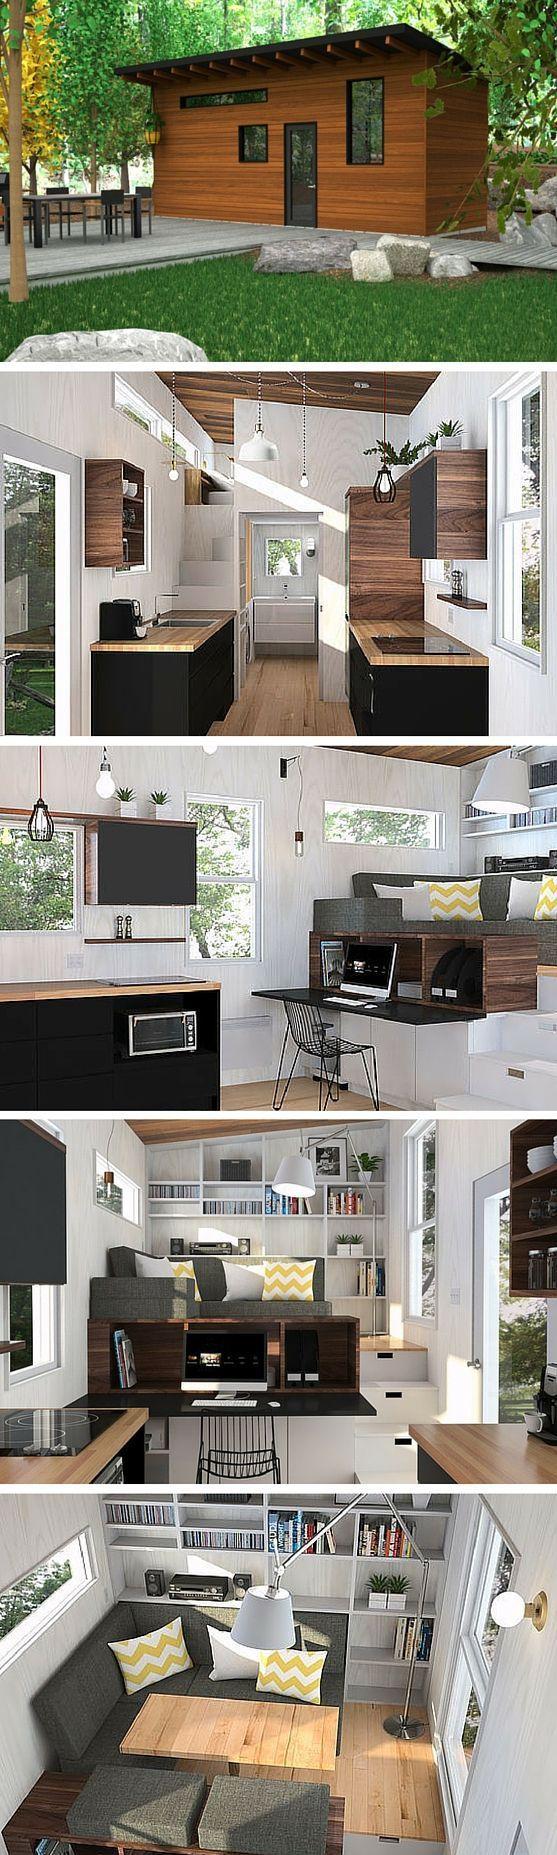 TINY HOUSE DESIGN INSPIRATION NO 19